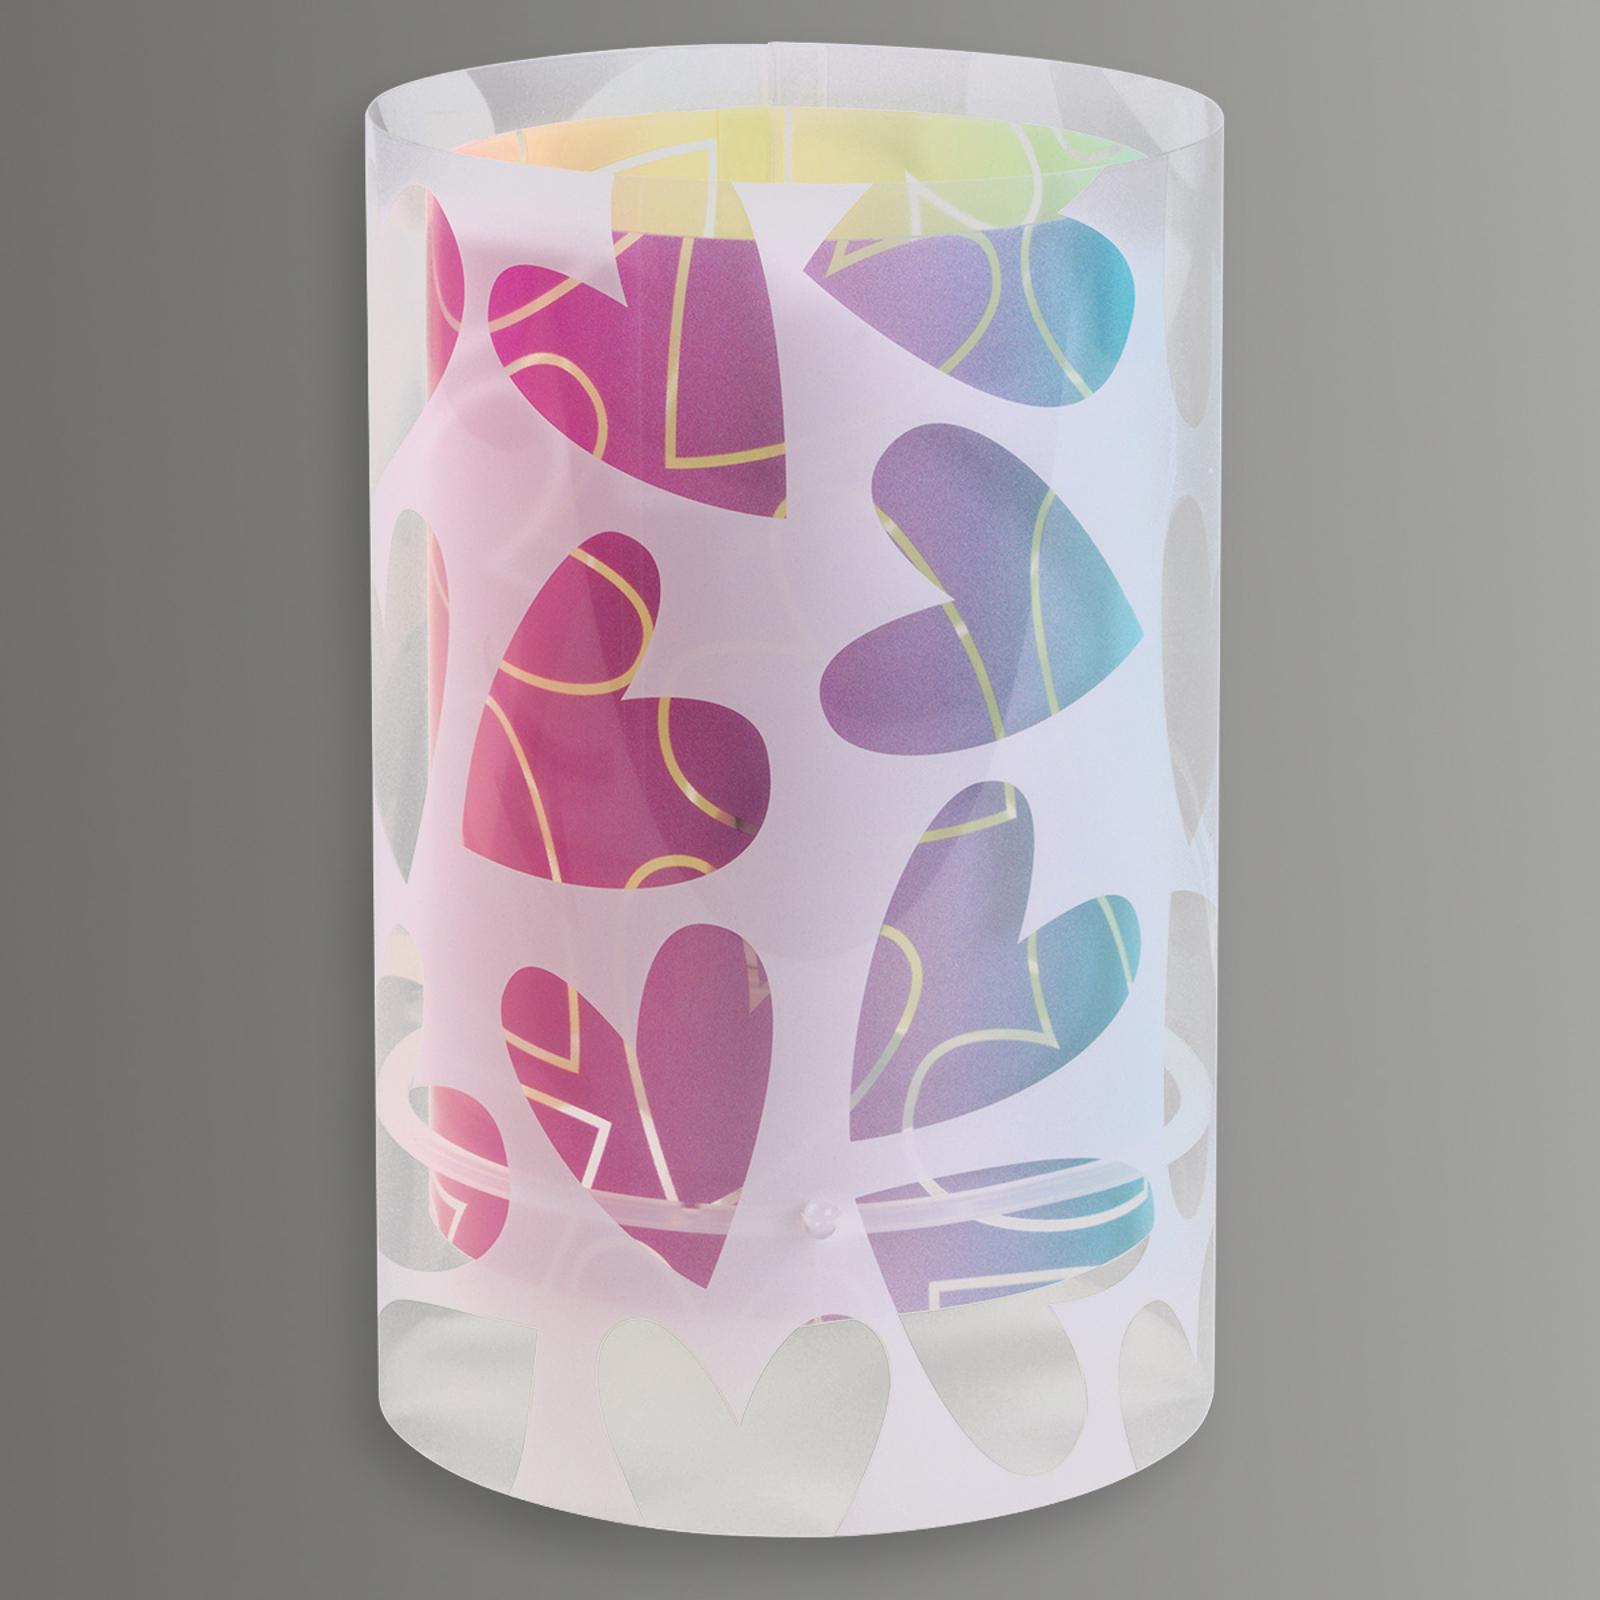 Cuore - bordslampa prydd med hjärtan